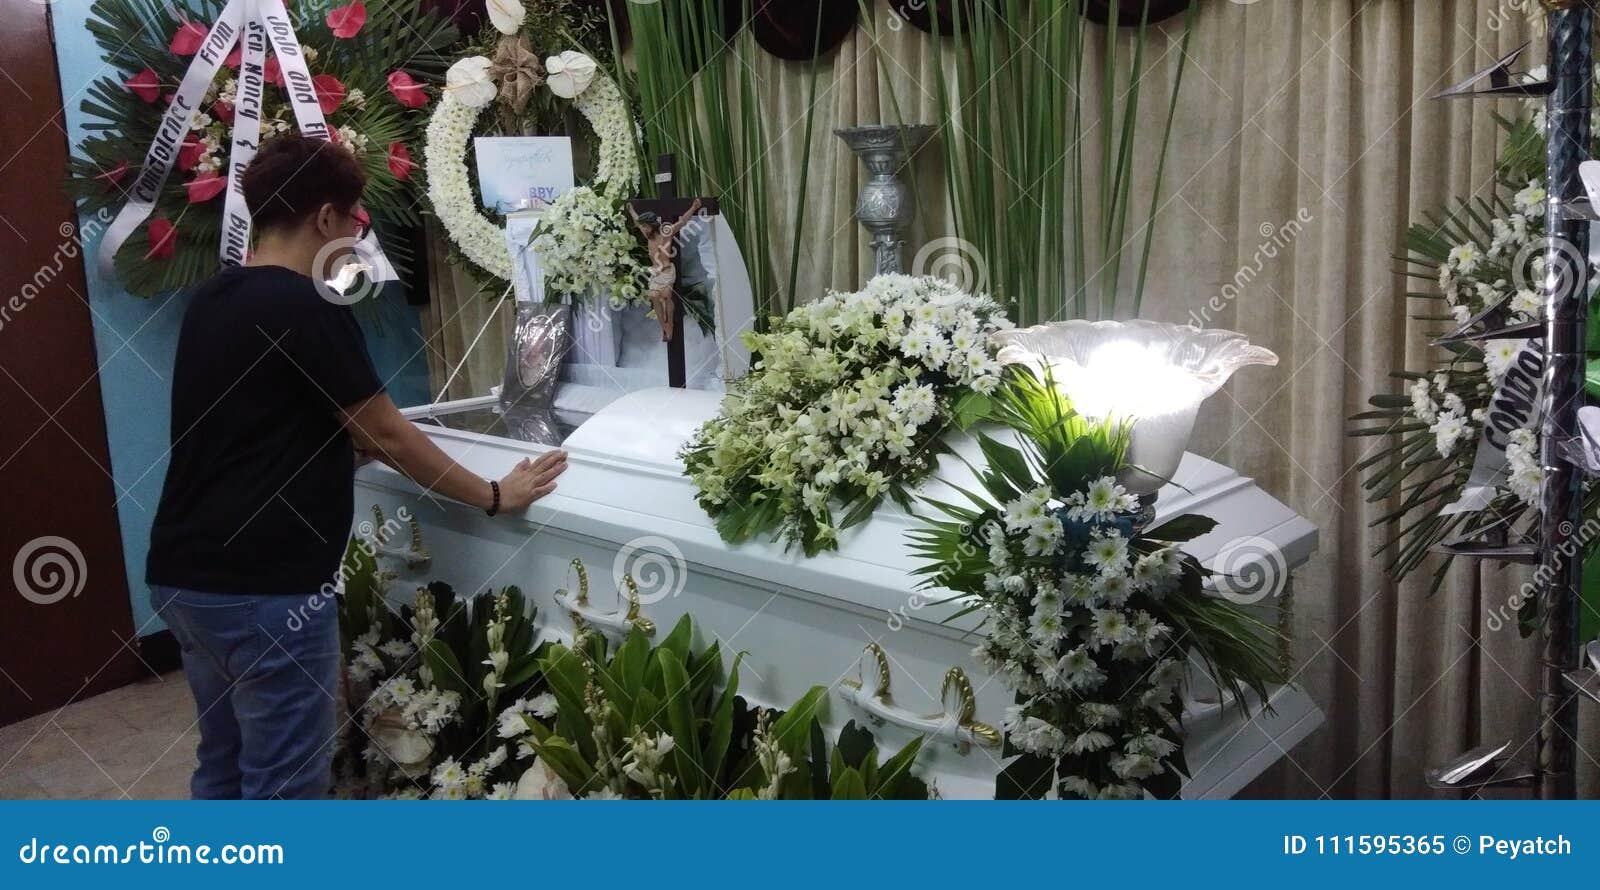 Funeral wake stock image image of wake philippines 111595365 download funeral wake stock image image of wake philippines 111595365 izmirmasajfo